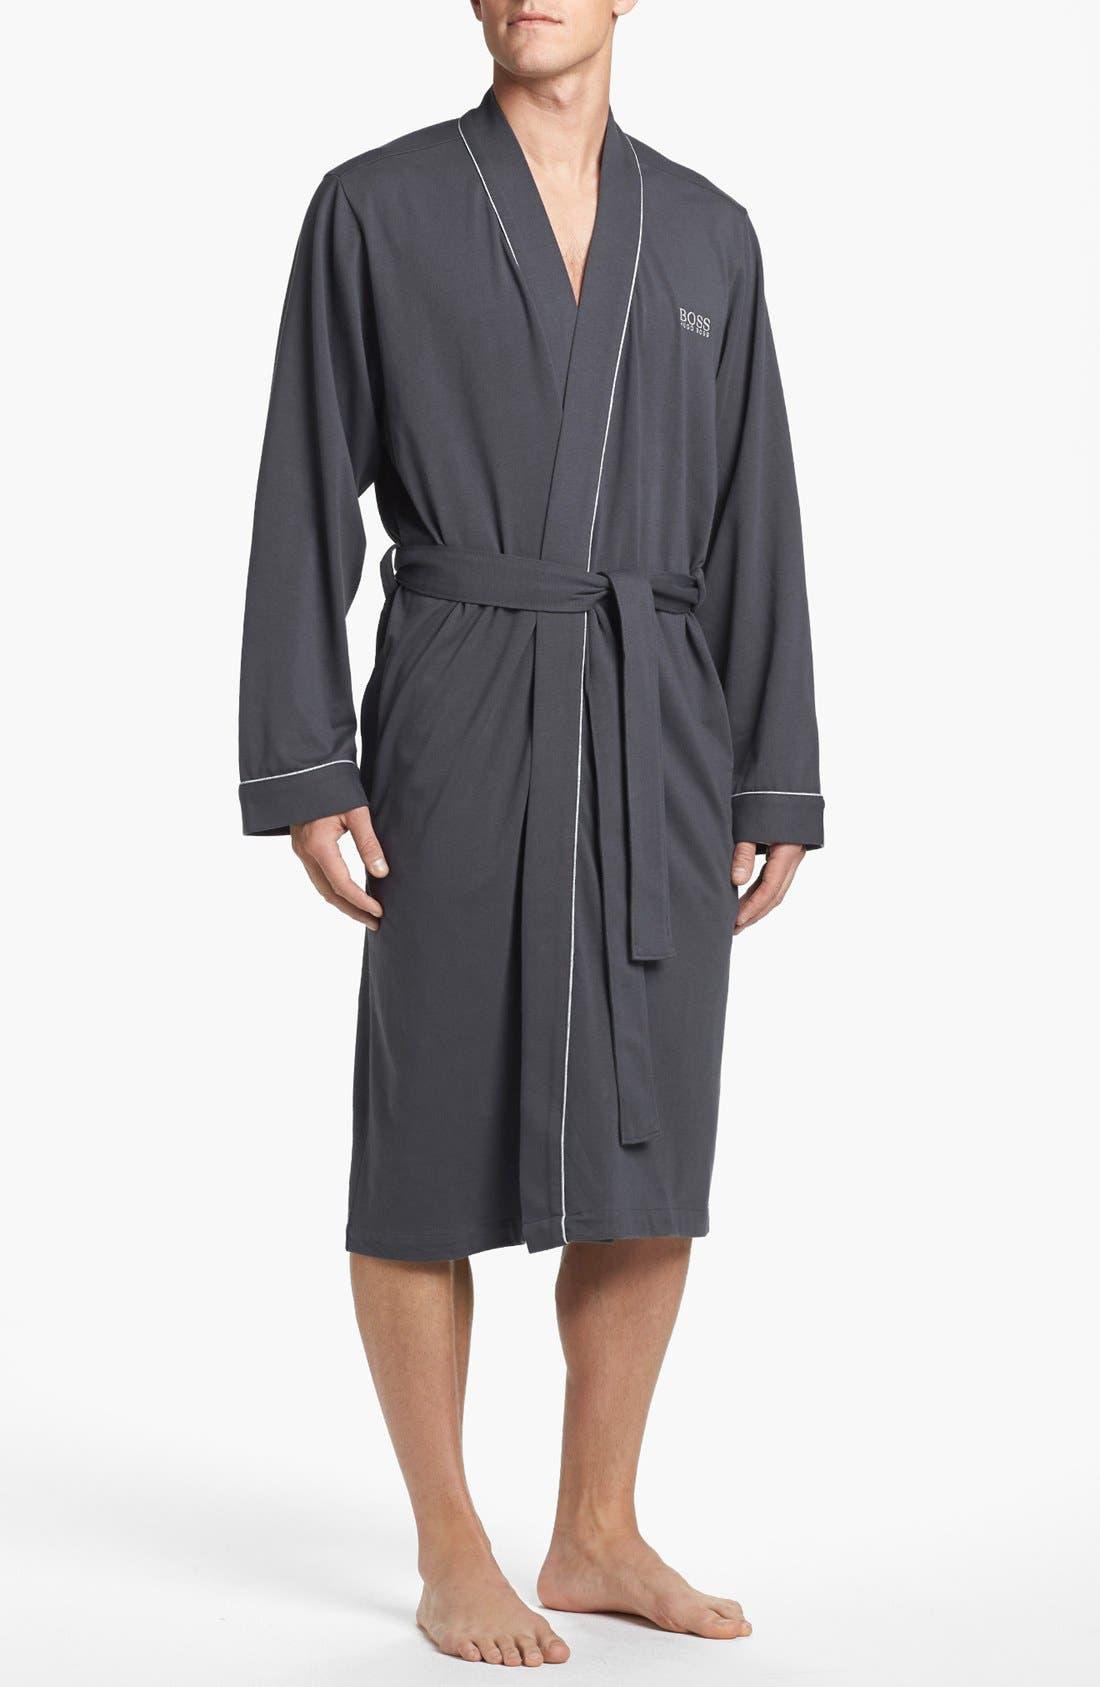 Alternate Image 1 Selected - BOSS HUGO BOSS 'Innovation 4' Robe